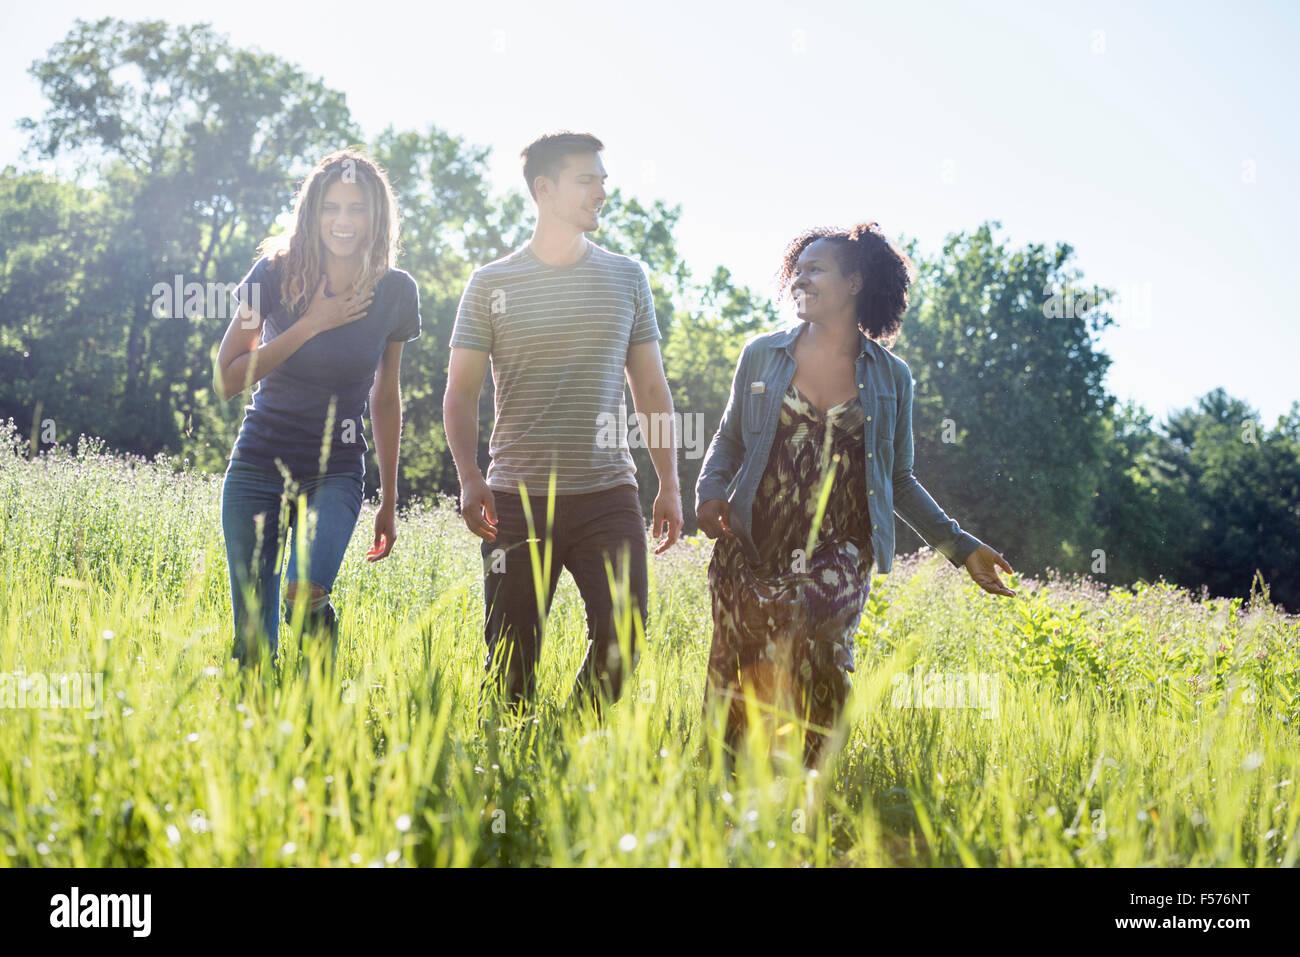 Drei Menschen, ein Mann und zwei Frauen, die zu Fuß durch hohe Gräser auf einer Wiese. Stockbild